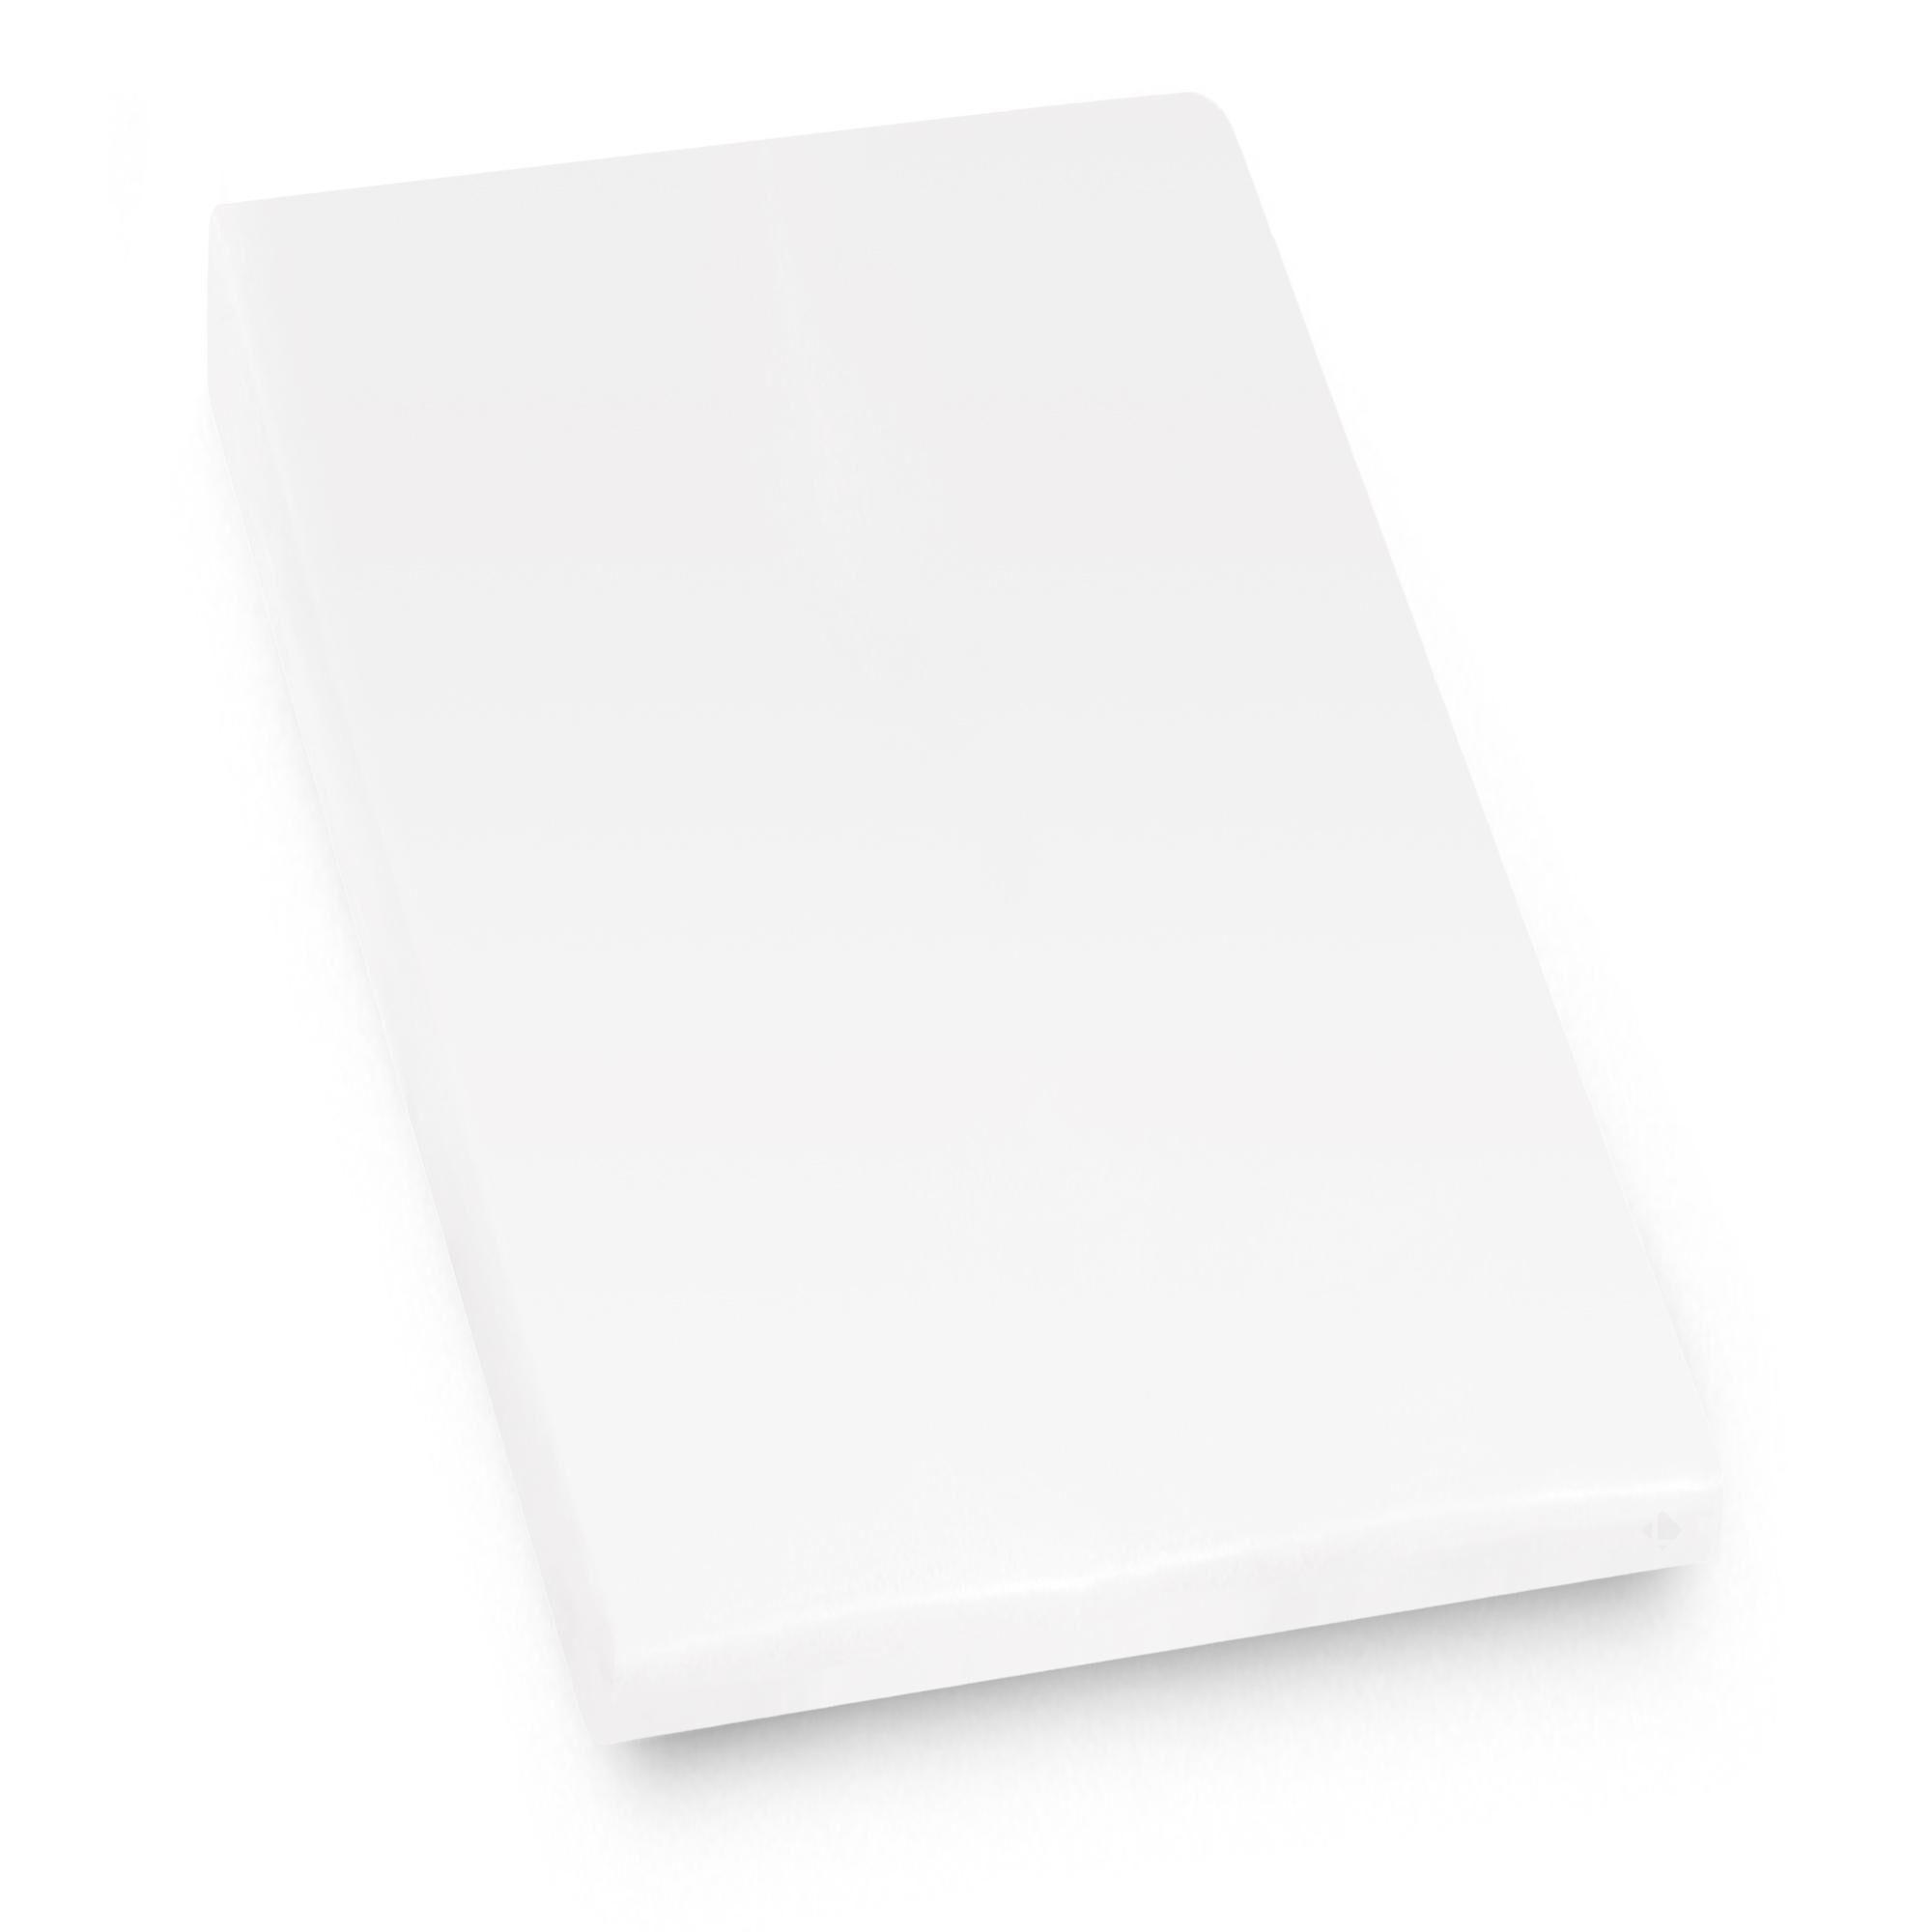 Linnea Protège matelas imperméable 60x140 cm bonnet 15cm ARNON molleton 100% coton contrecollé polyuréthane